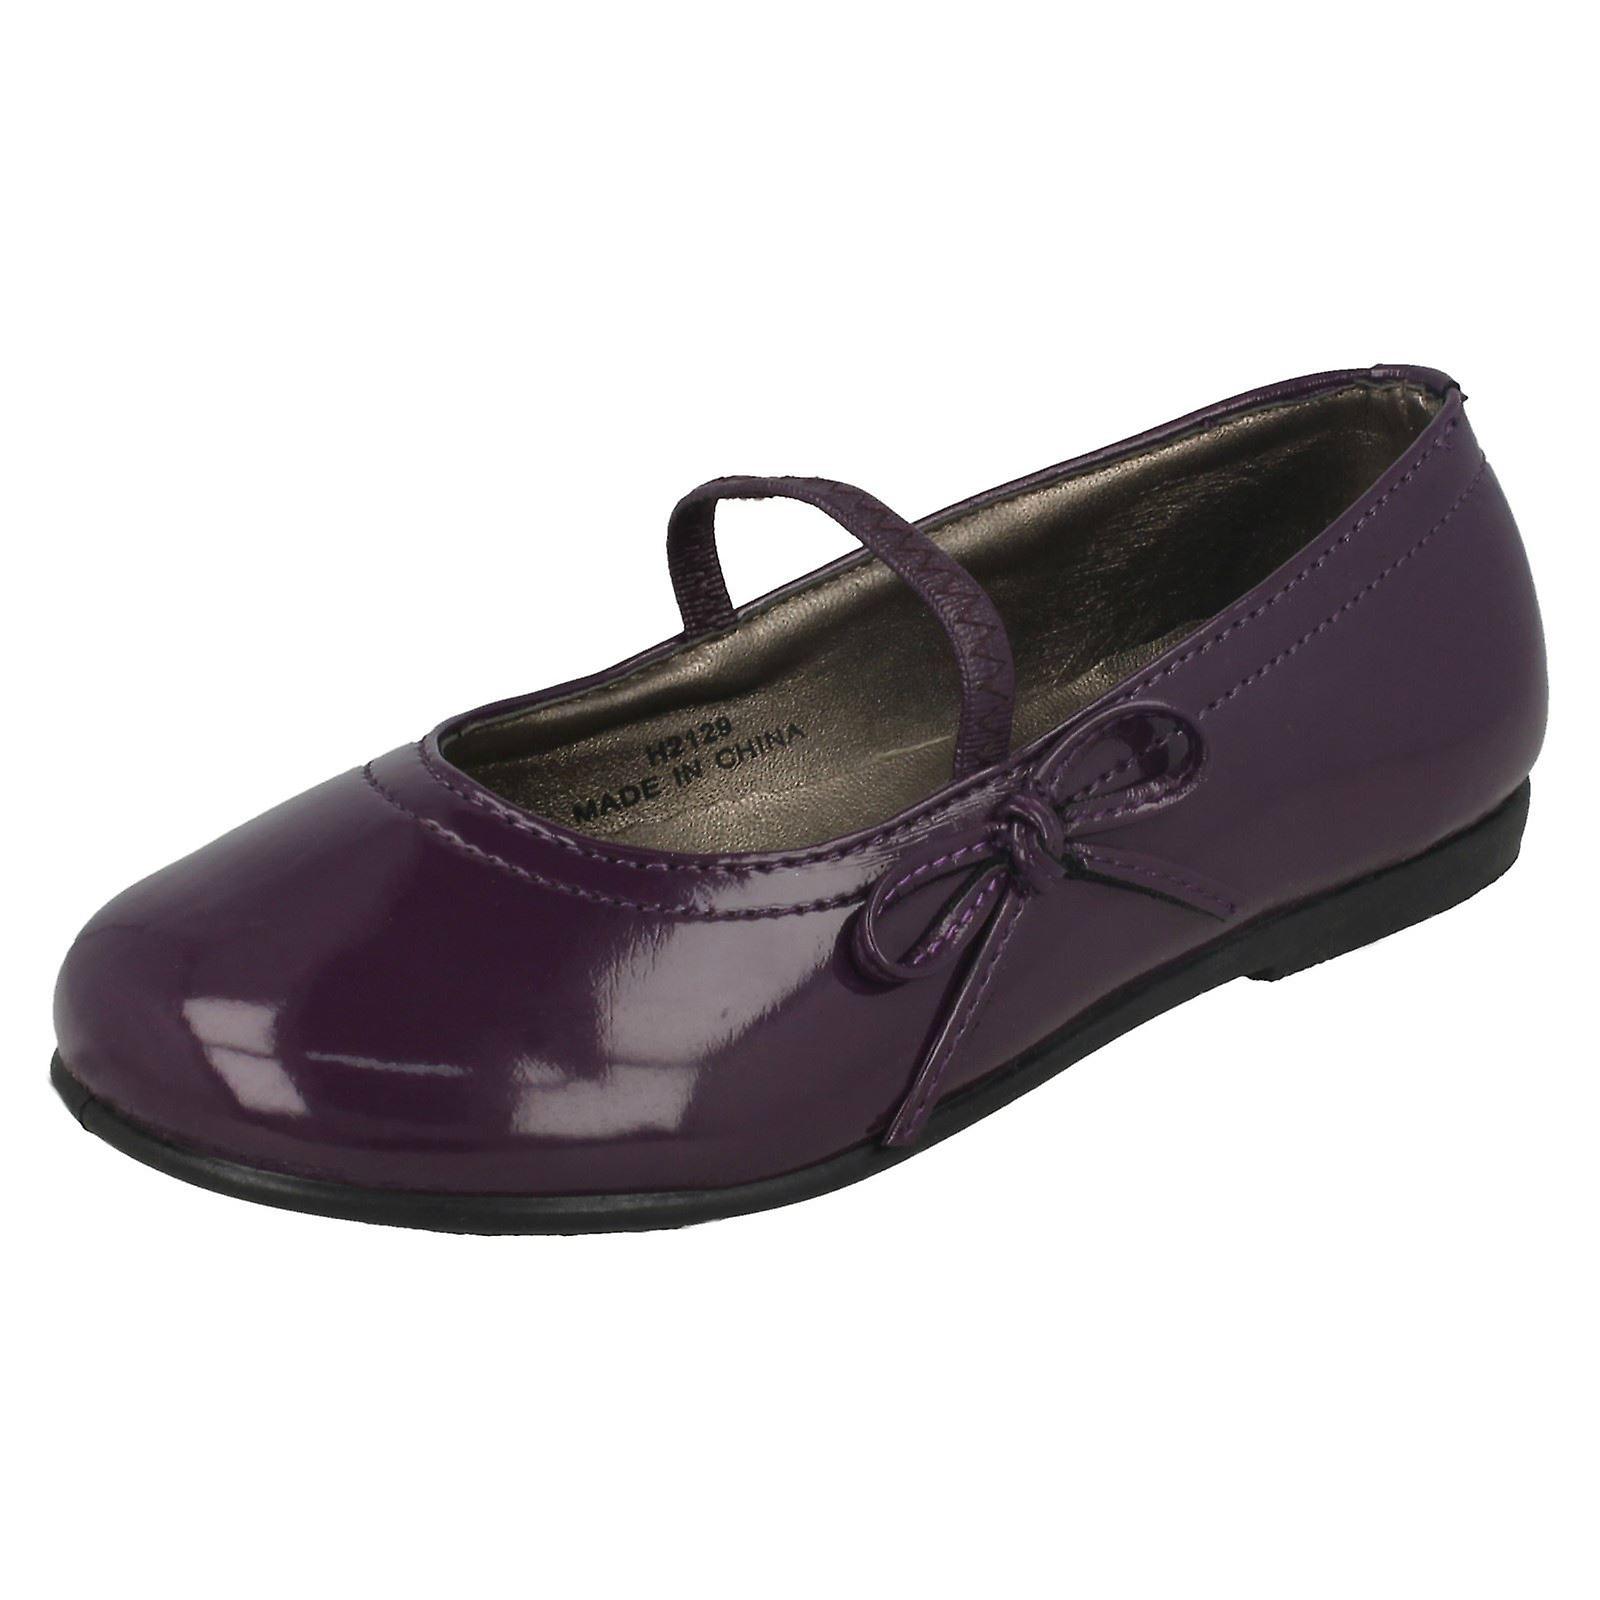 Ragazze Spot su Flat scarpe con fiocco Trim | Materiali Di Qualità Superiore  | Scolaro/Signora Scarpa